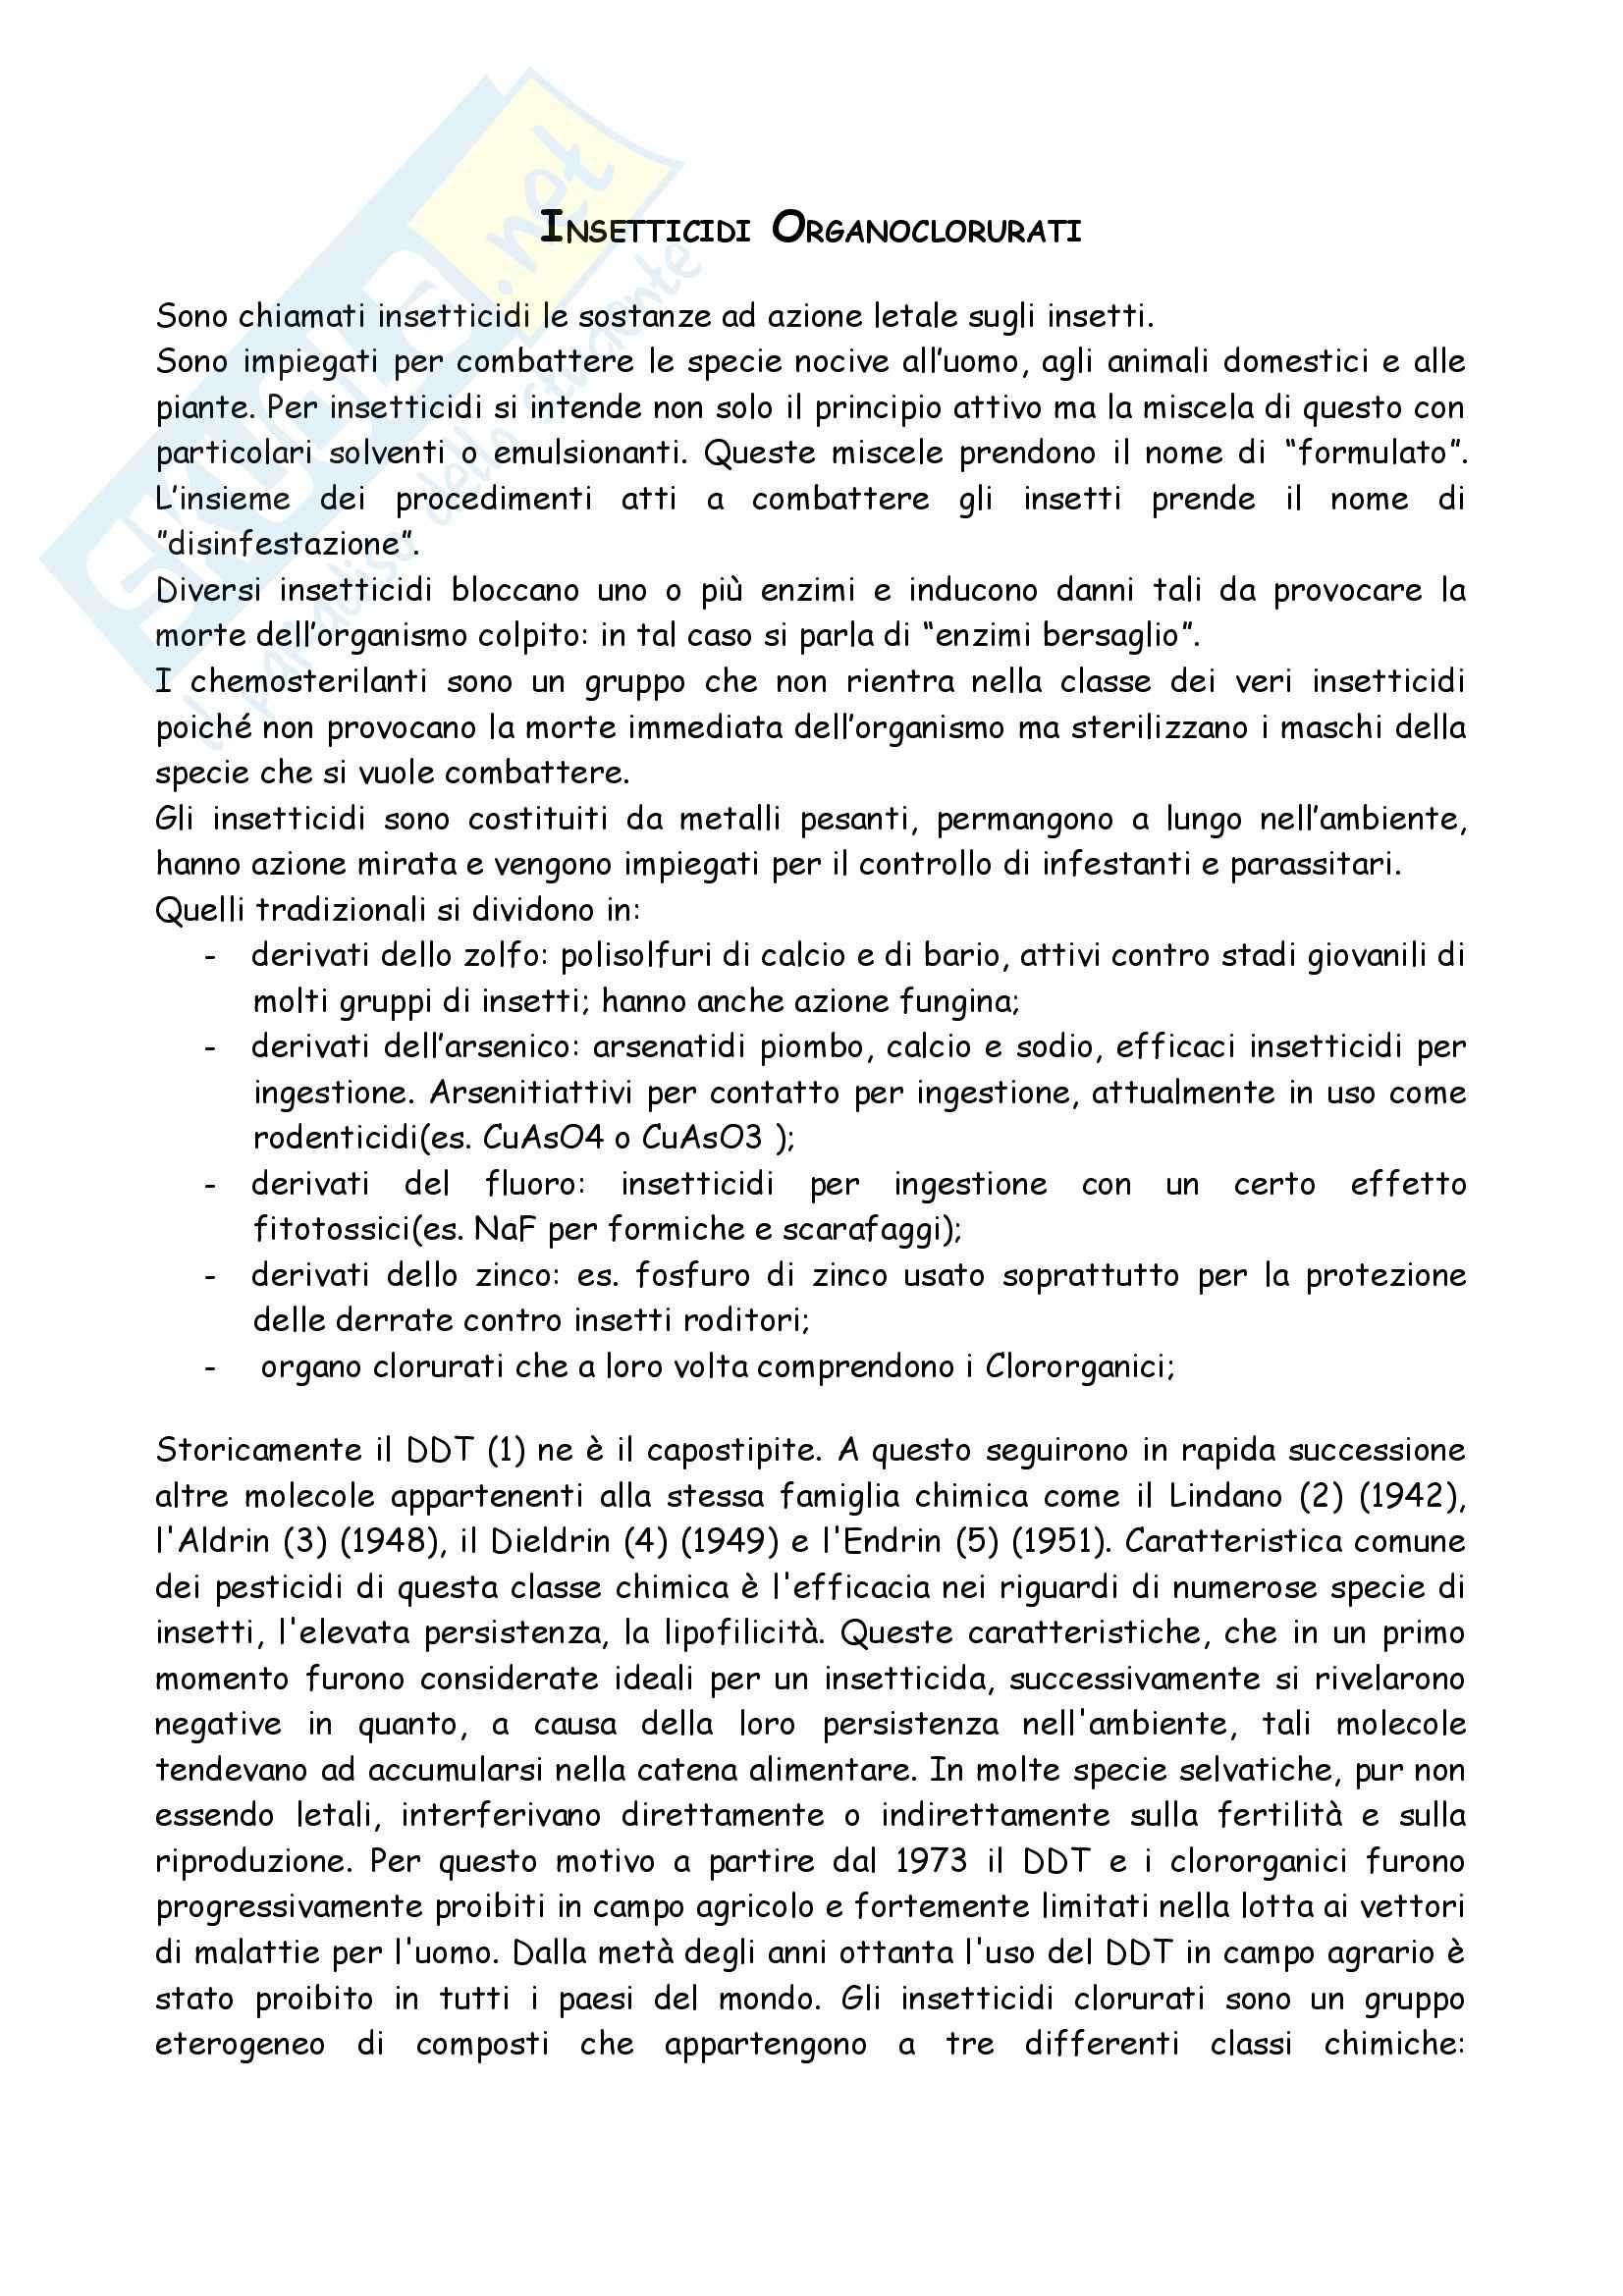 Chimica organica - insetticidi organoclorurati